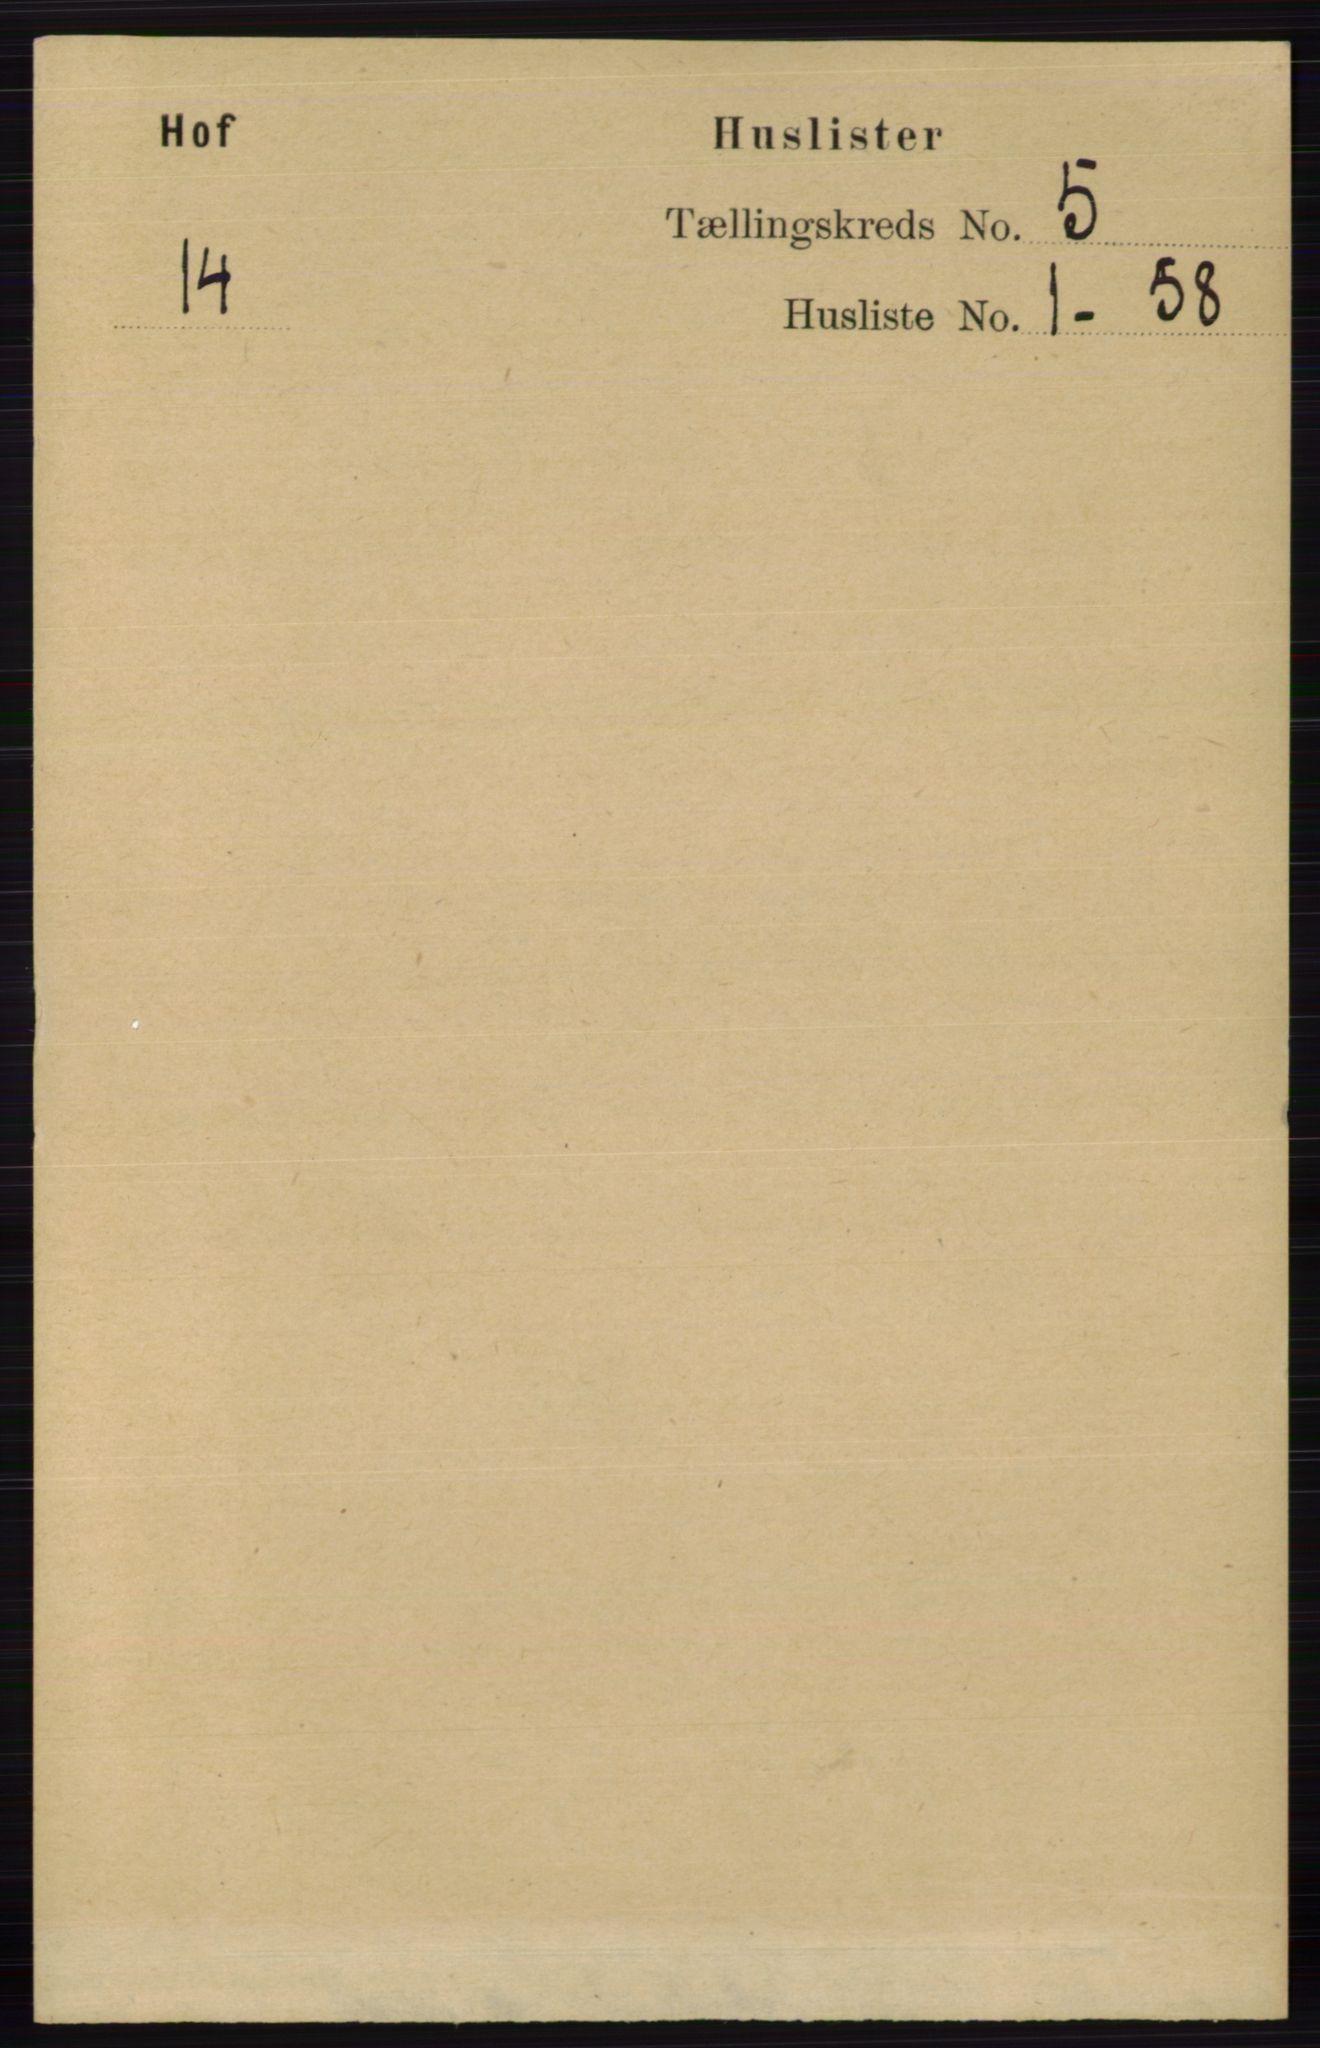 RA, Folketelling 1891 for 0424 Hof herred, 1891, s. 1819